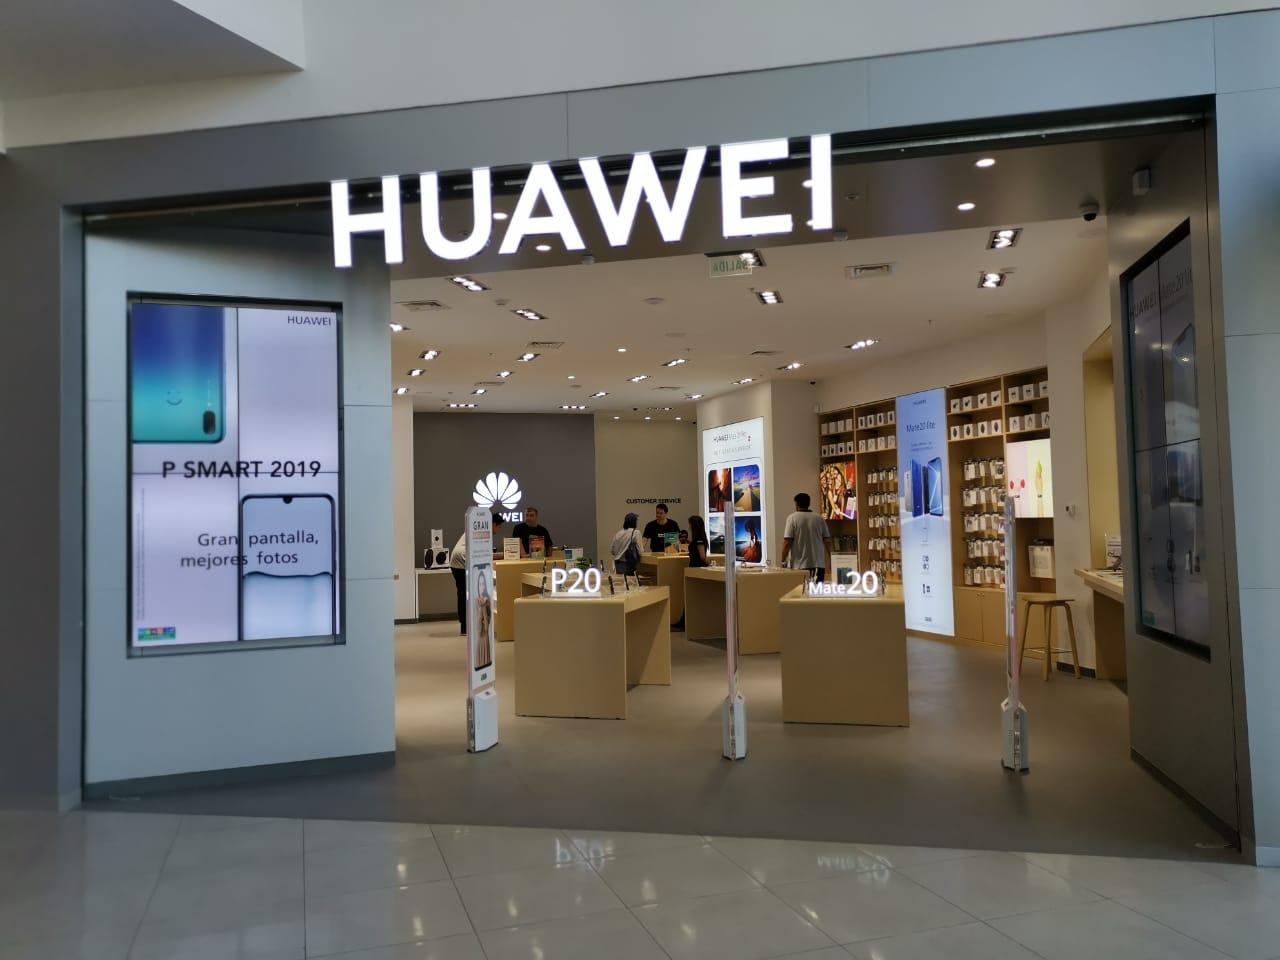 Huawei inaugura su tienda más grande en Chile